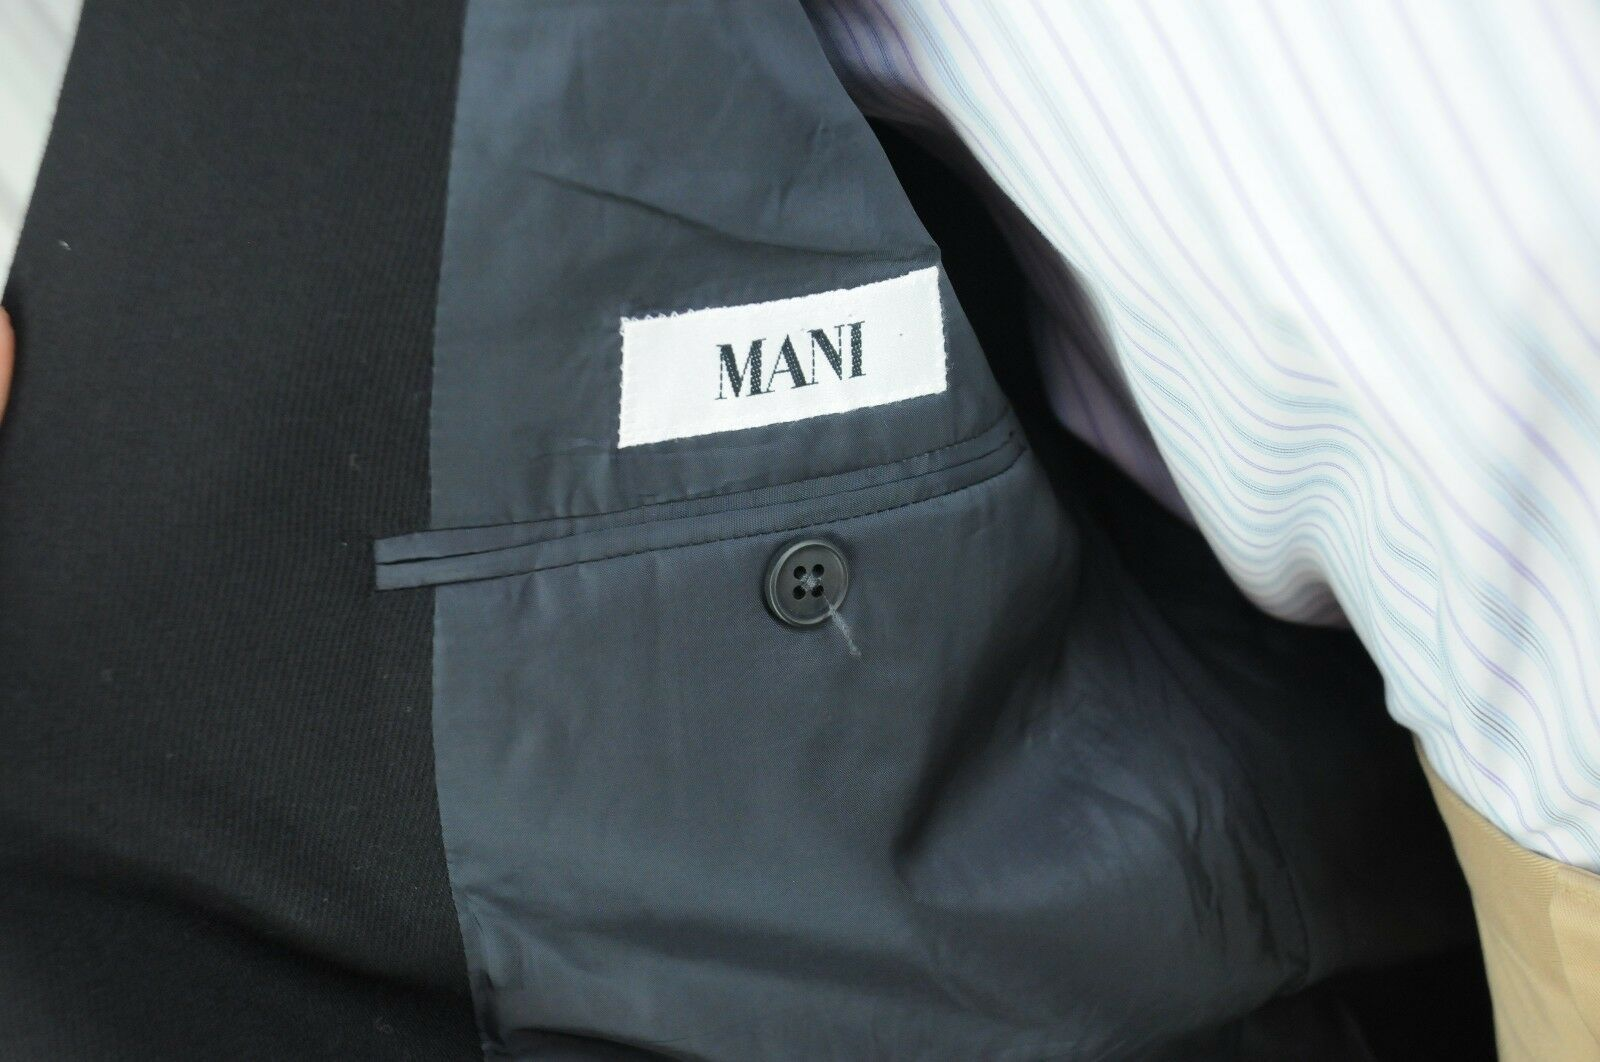 Giorgio Armani MANI Men's Solid Black Twill Wool Sport Coat Blazer 44L 44 L